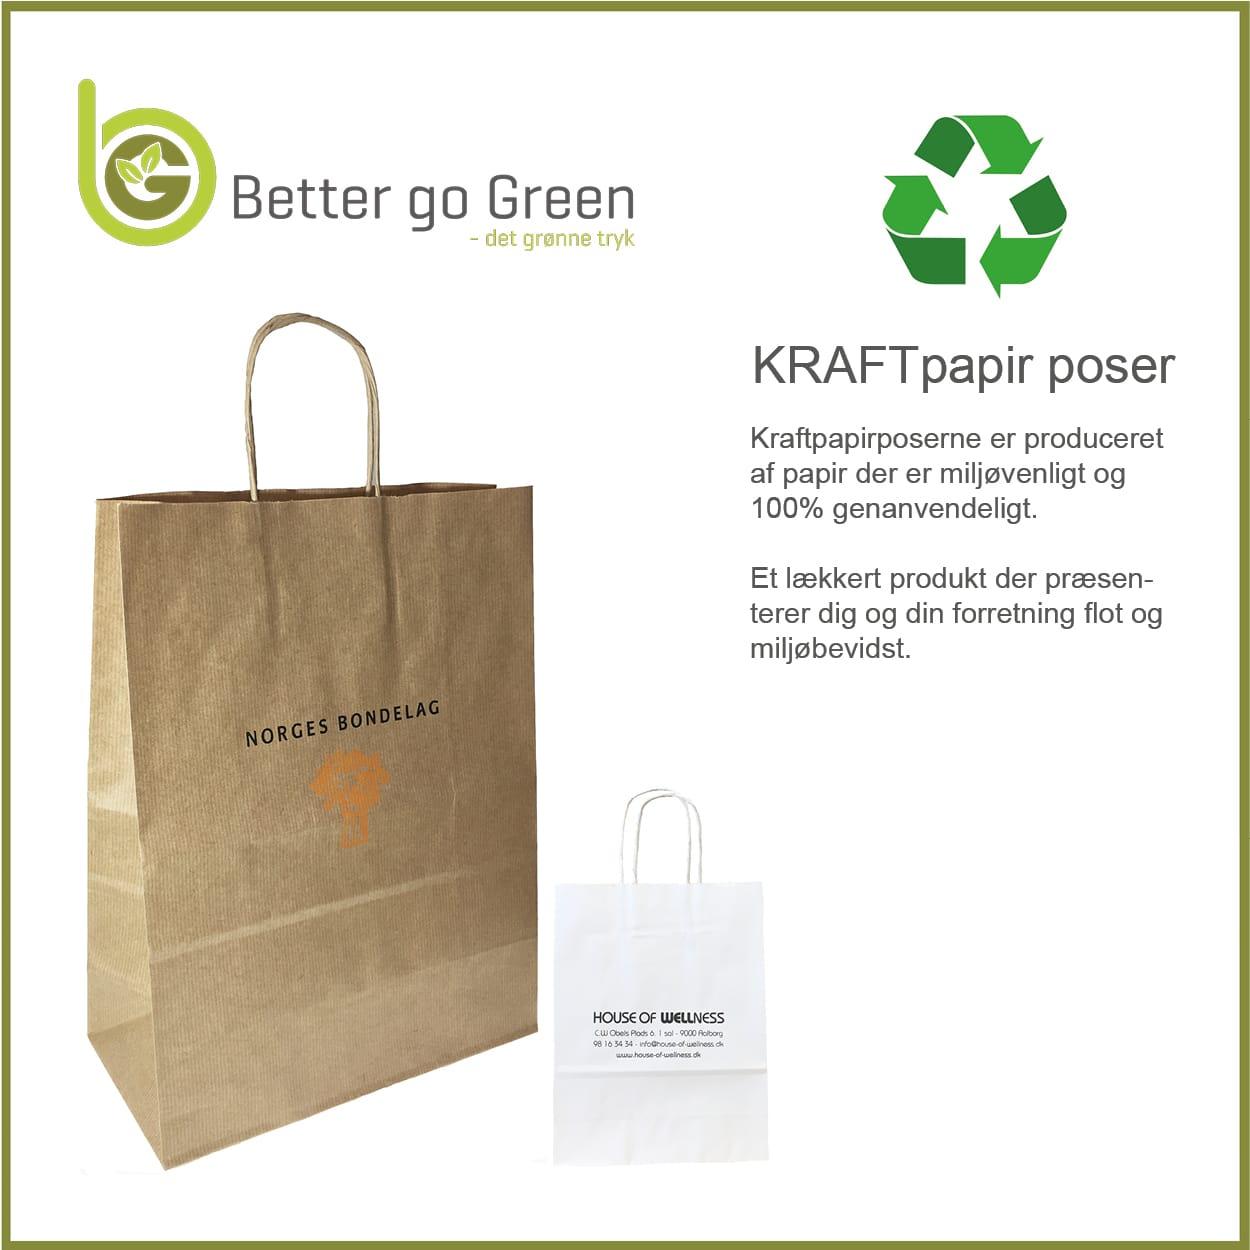 Miljøvenlige kraftpapirposer, 100% genanvendelig. Få dem med dit desig og logotryk. BetterGoGreen.dk